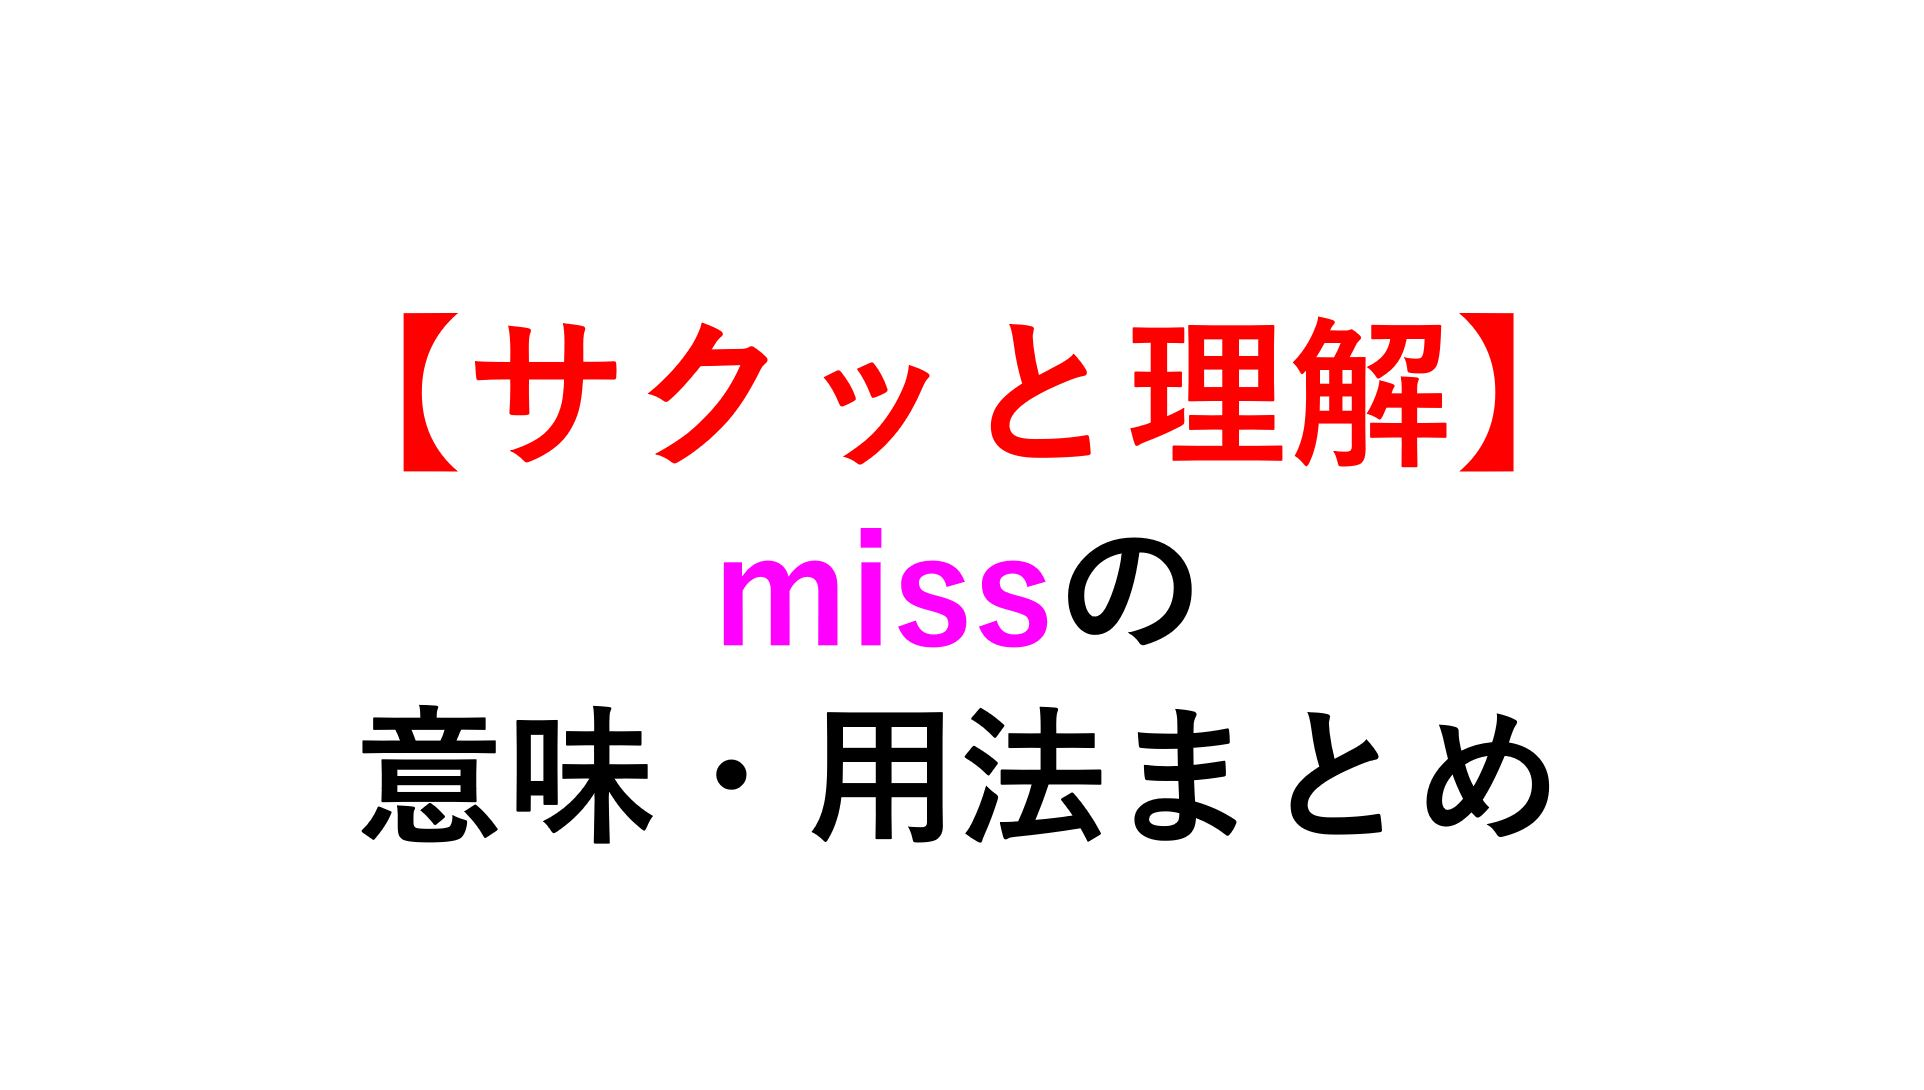 意味 you i miss